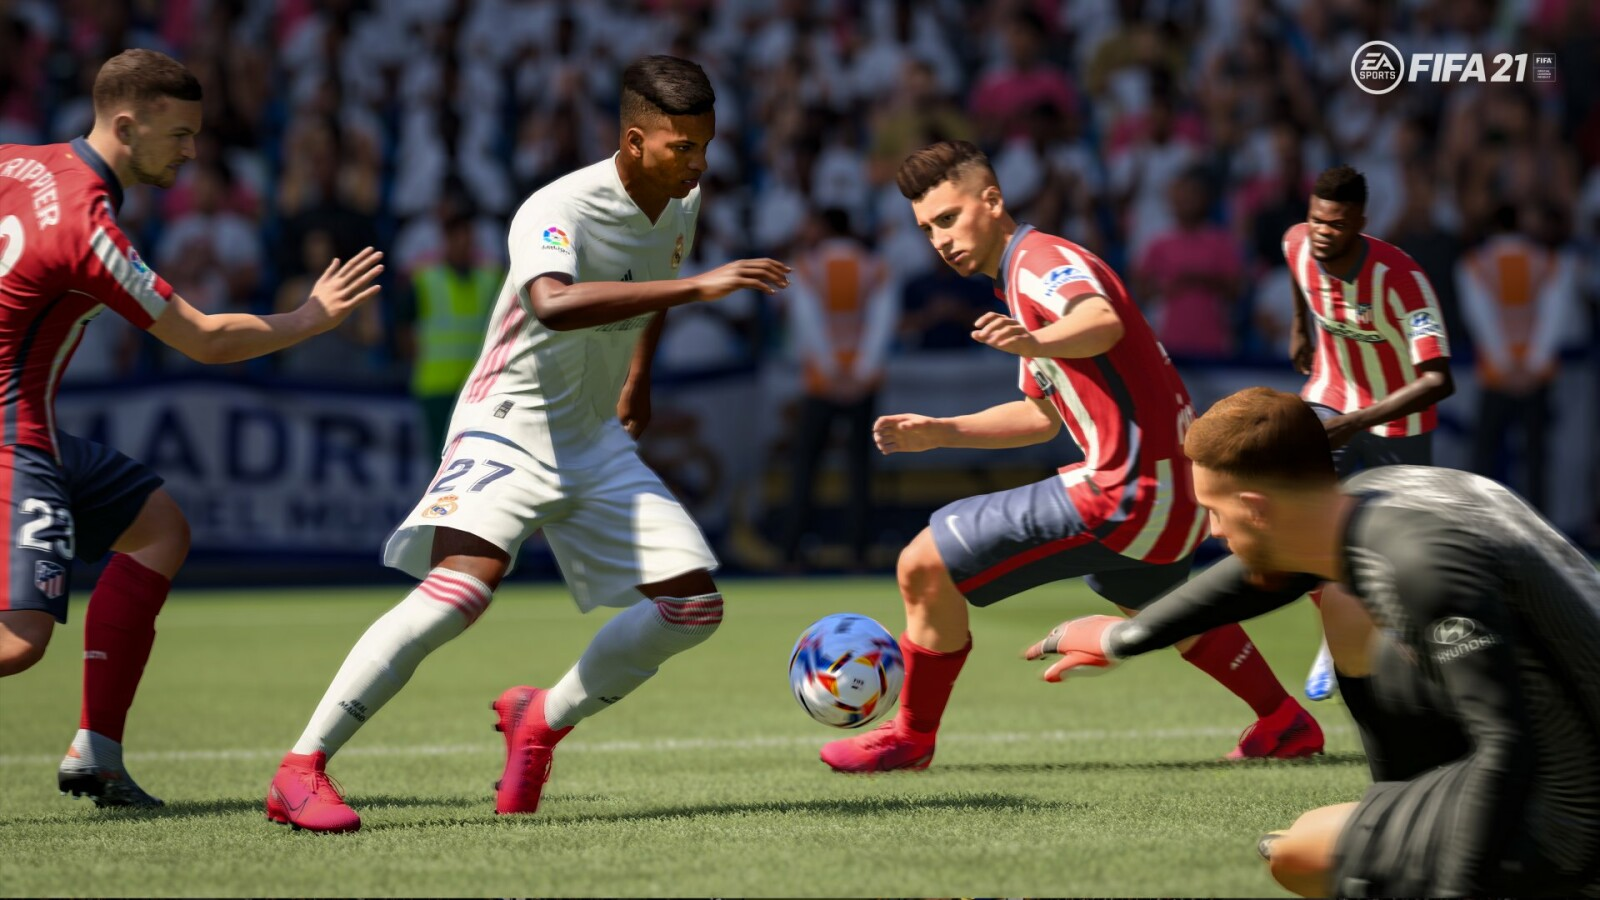 FIFA 21 down: Probleme in FUT? Wann ihr wieder spielen könnt